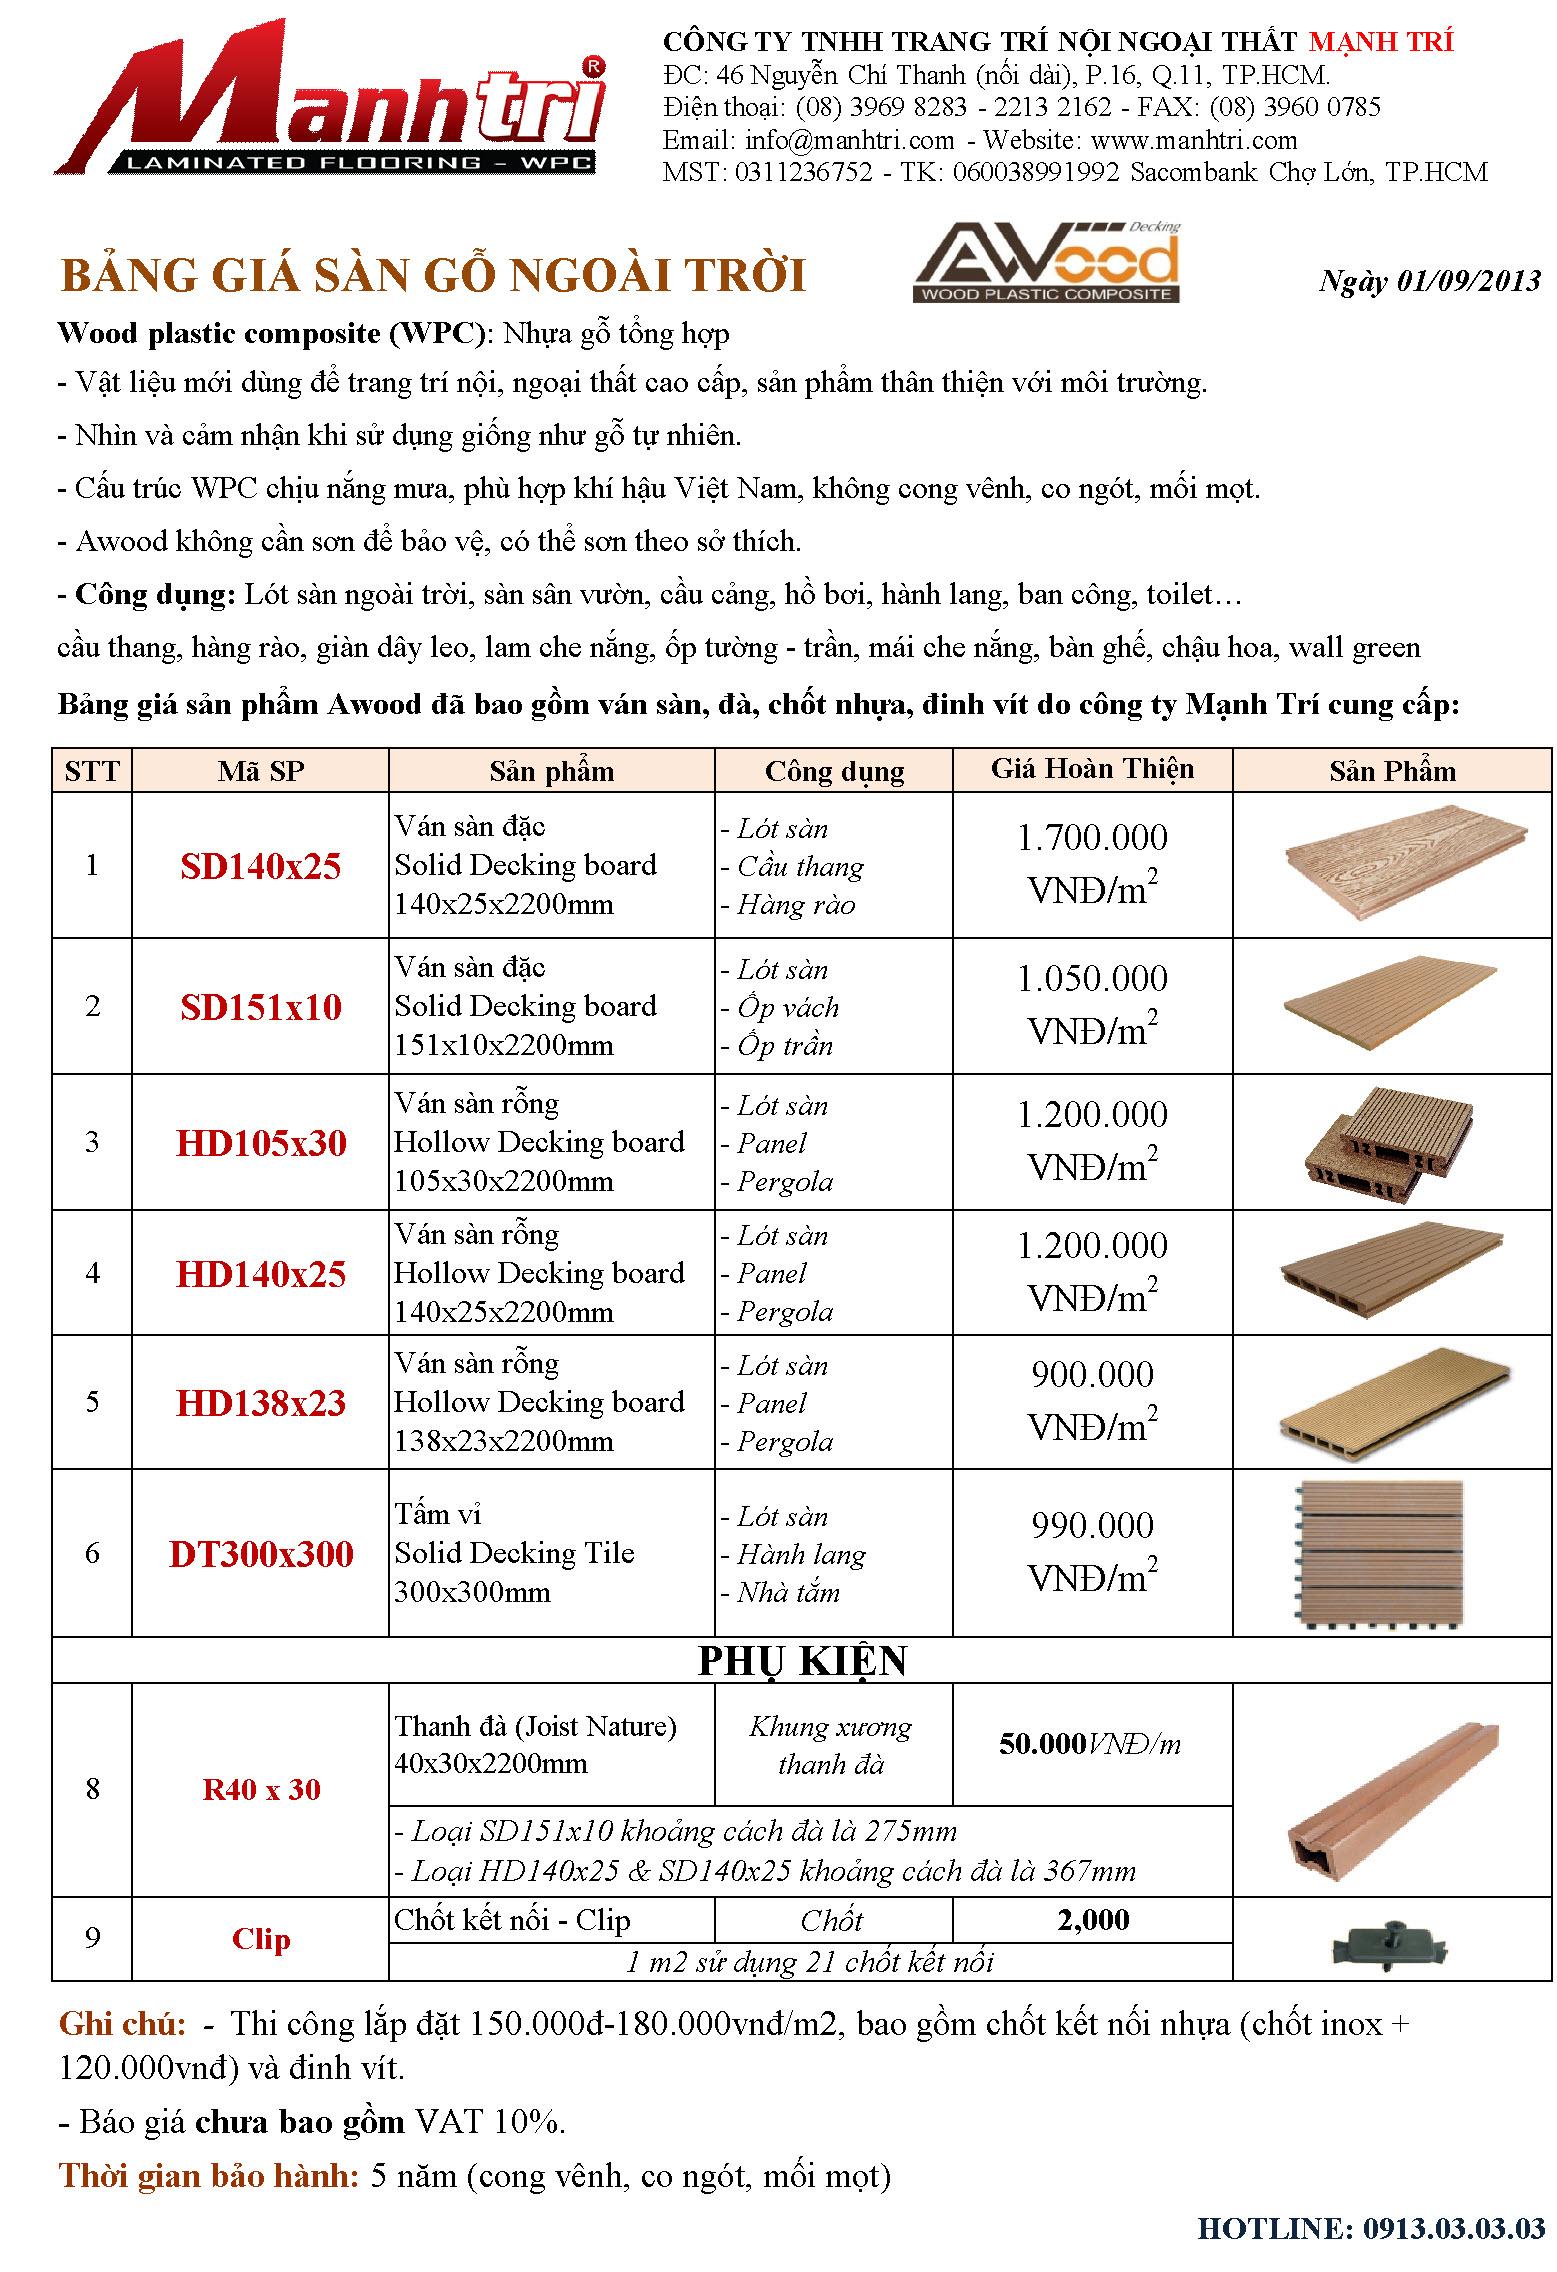 Bảng báo giá sàn gỗ ngoài trời Awood của tháng 09/2013